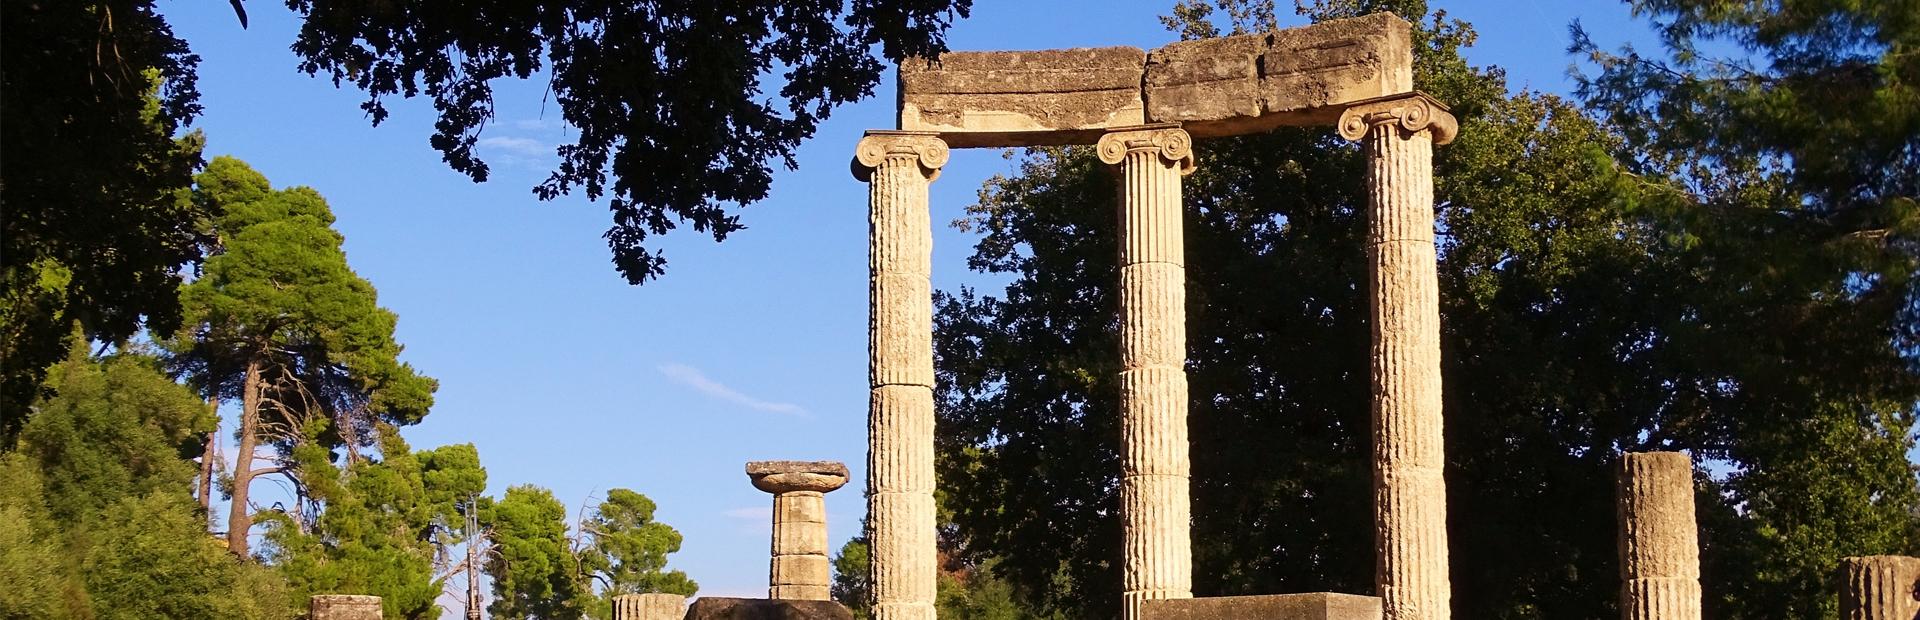 GR_Olympia_greece-1291750 copy